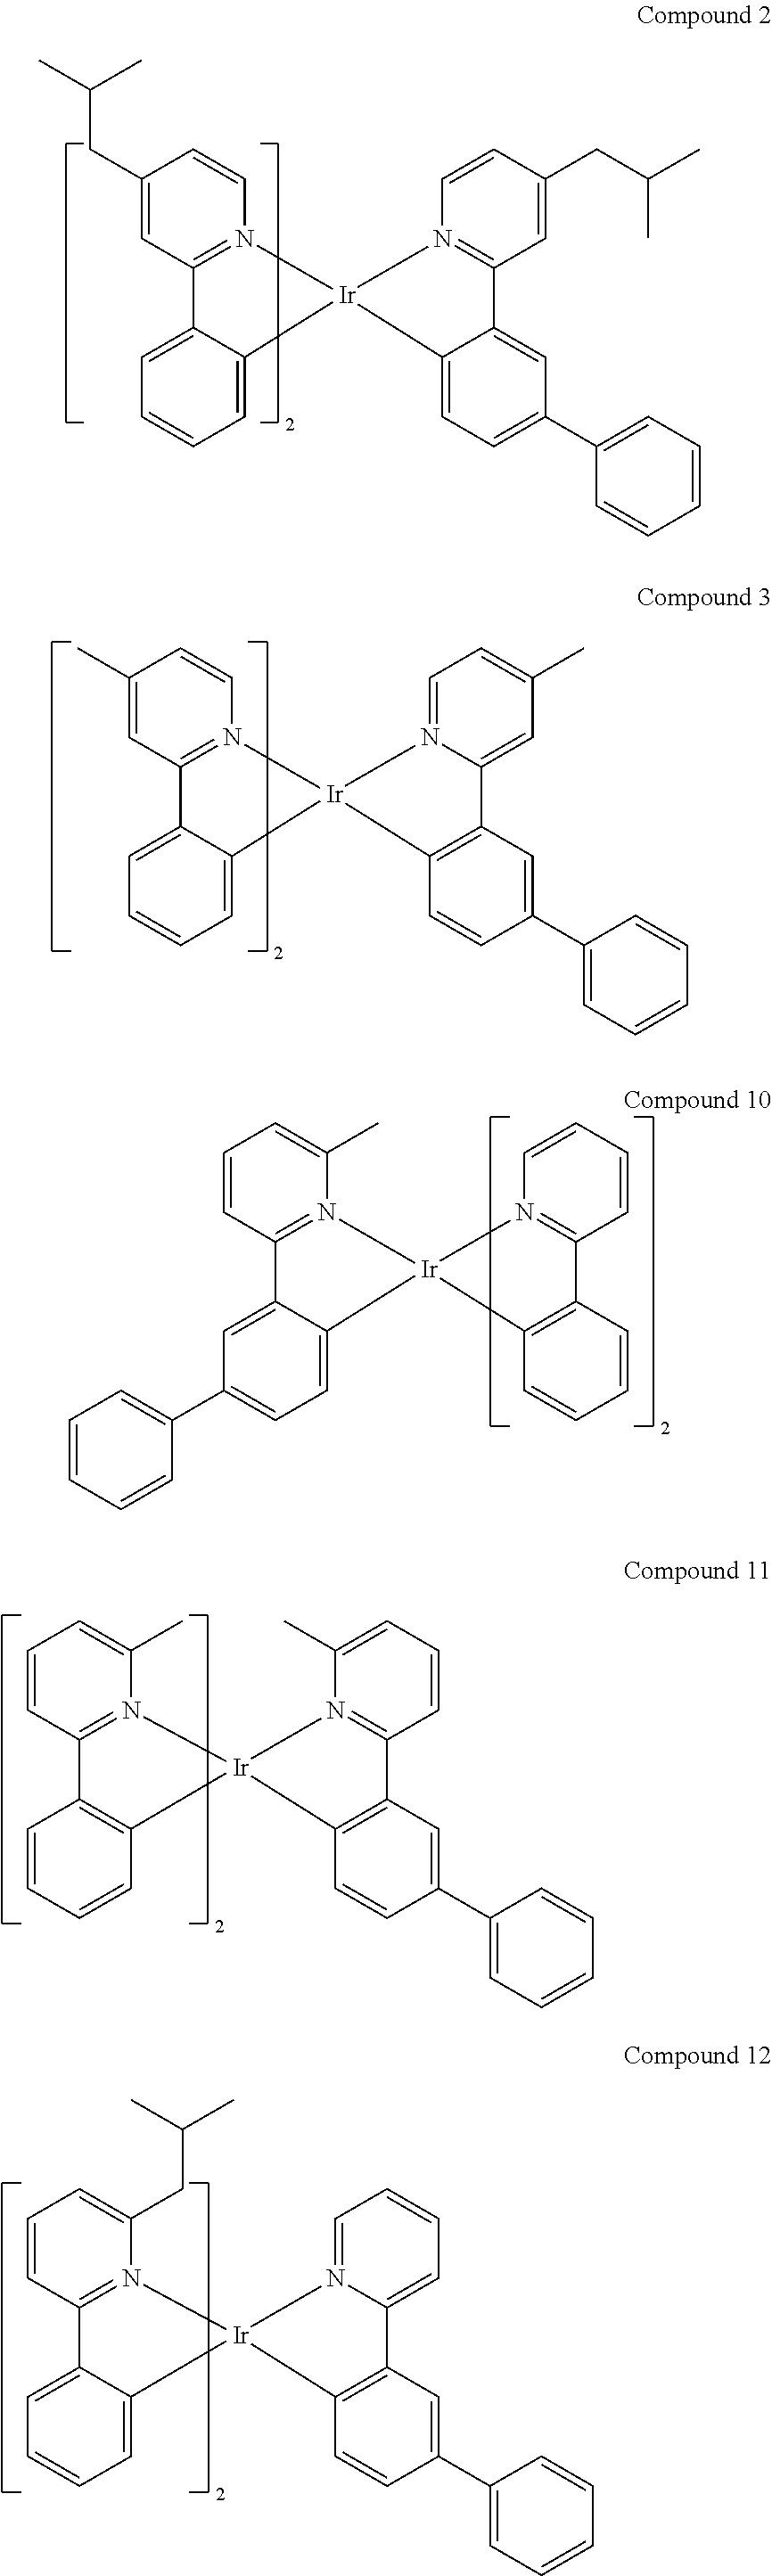 Figure US09899612-20180220-C00022